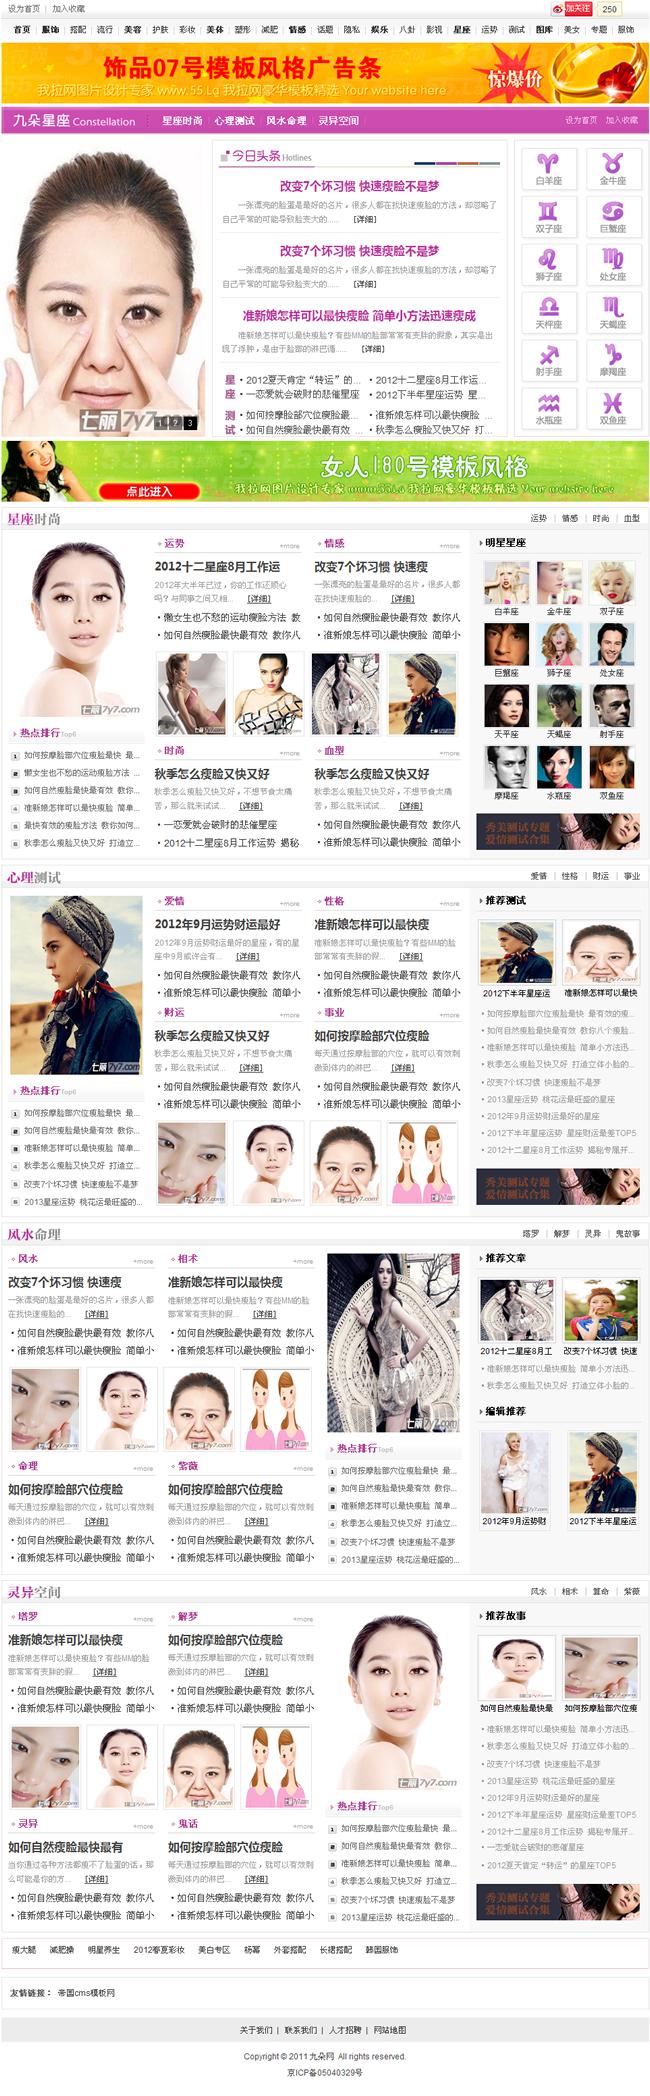 帝国cms大型女性女人门户网站程序源码模板_星座频道